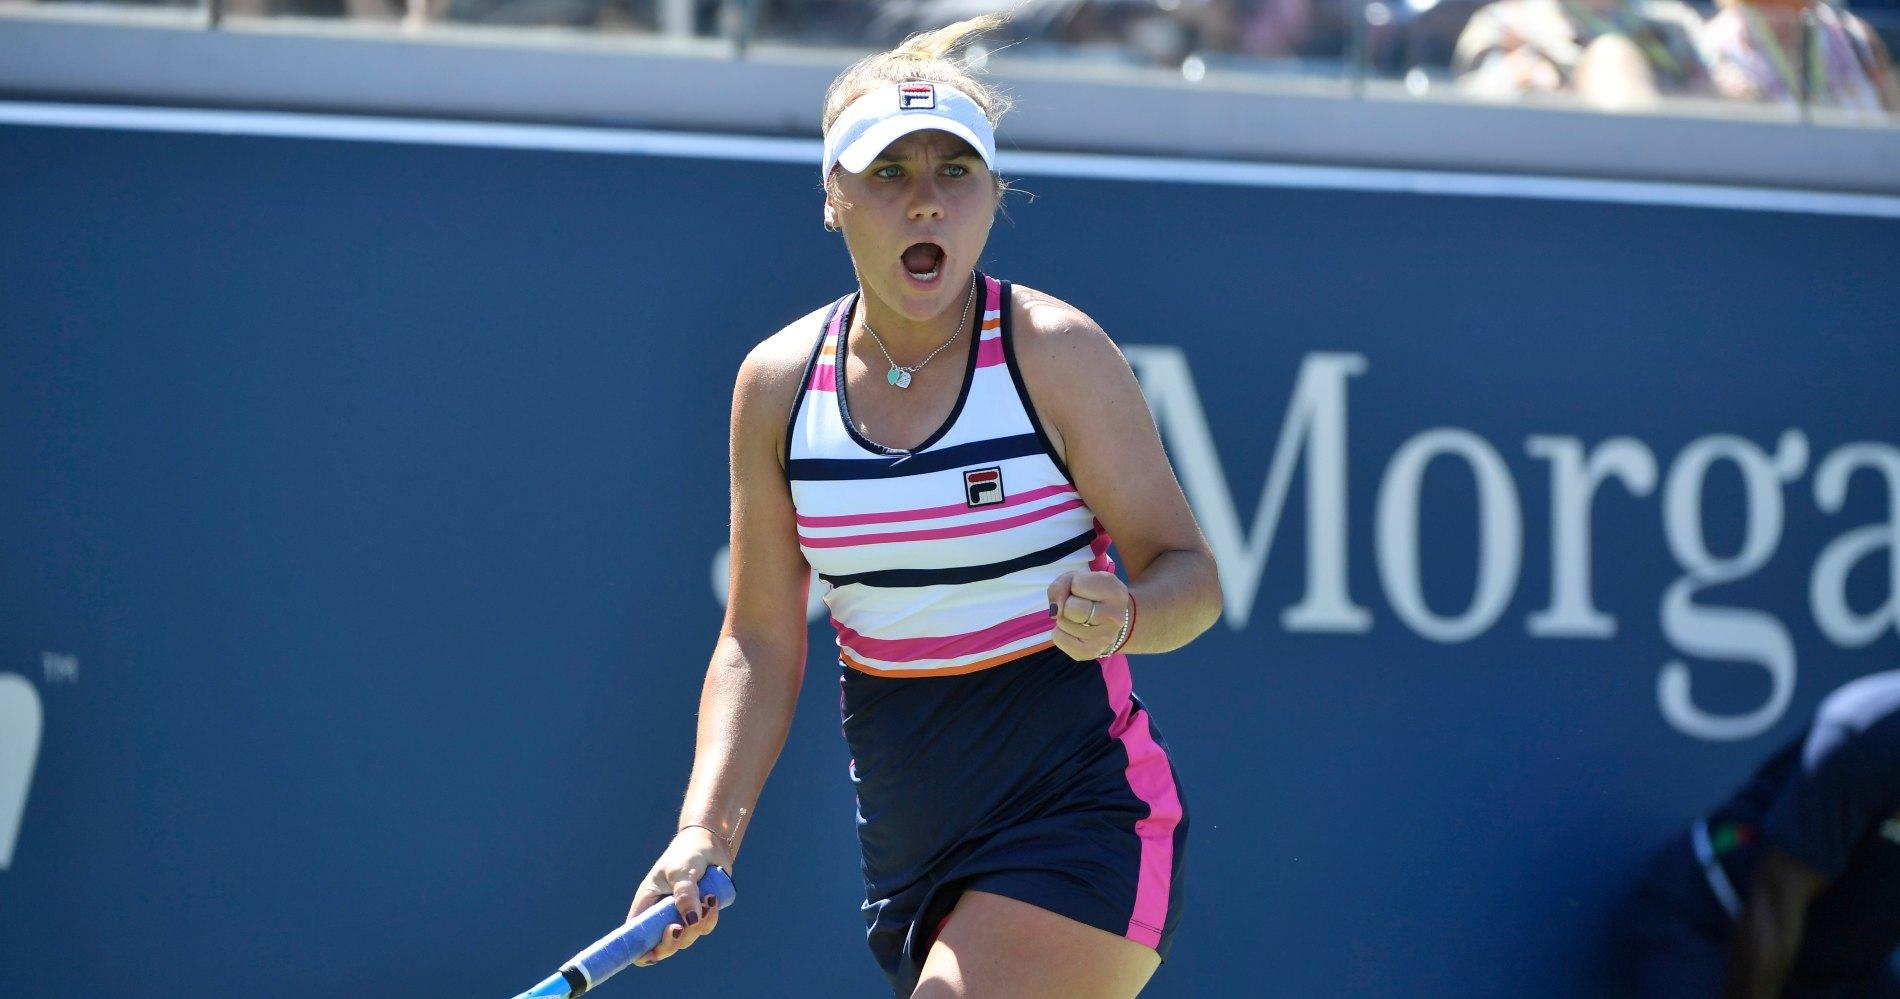 Sofia Kenin, US Open 2019